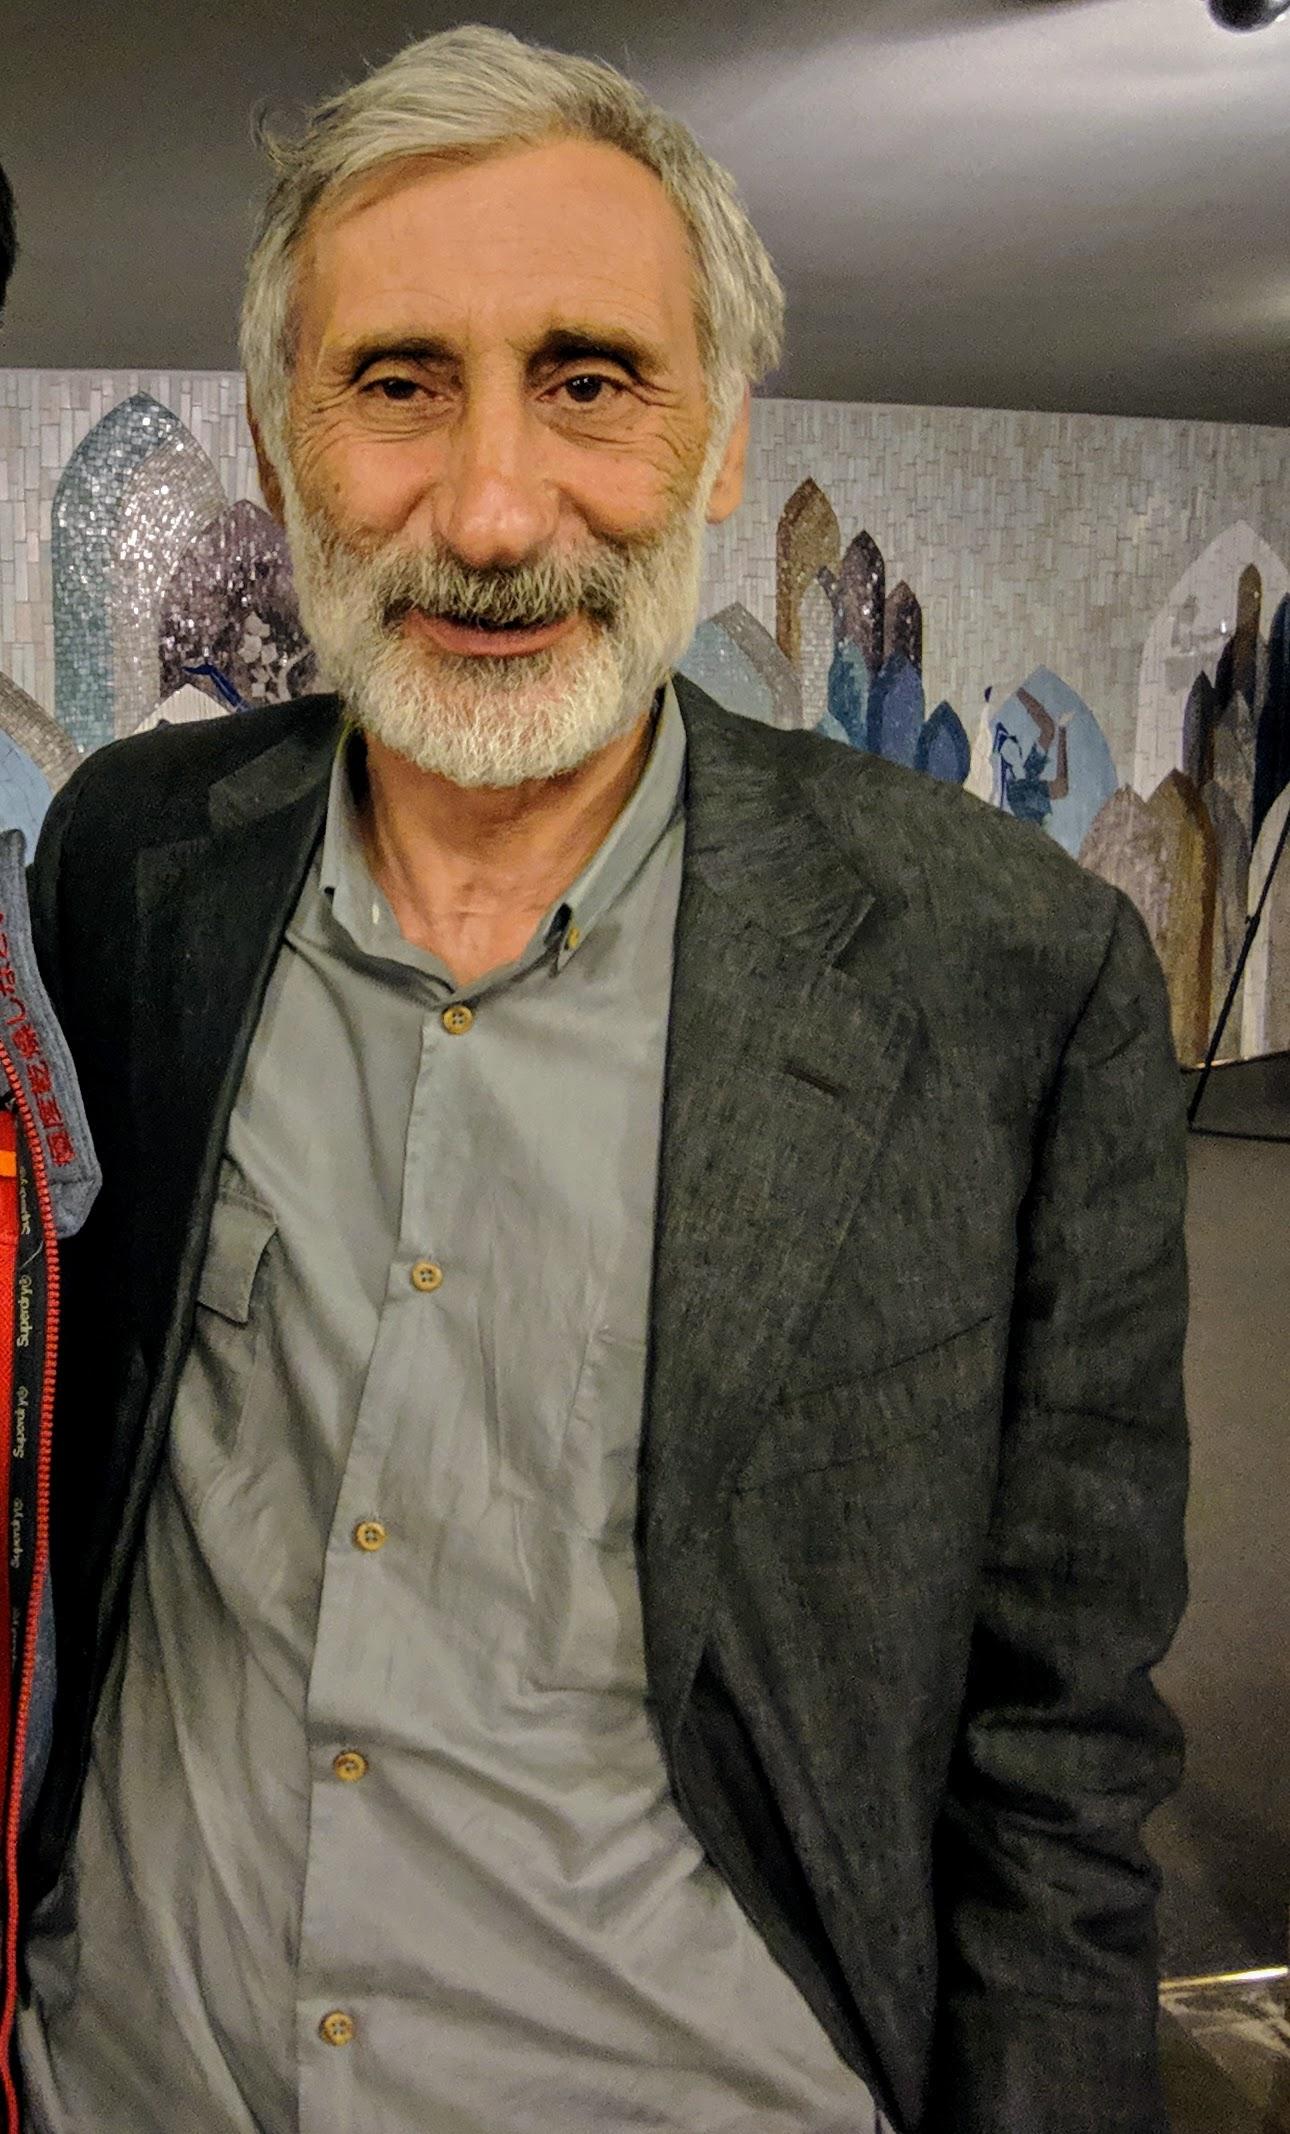 Muzaffer Ozdemir 莫札菲用土語親切與矮夯北分享從影工作經驗談